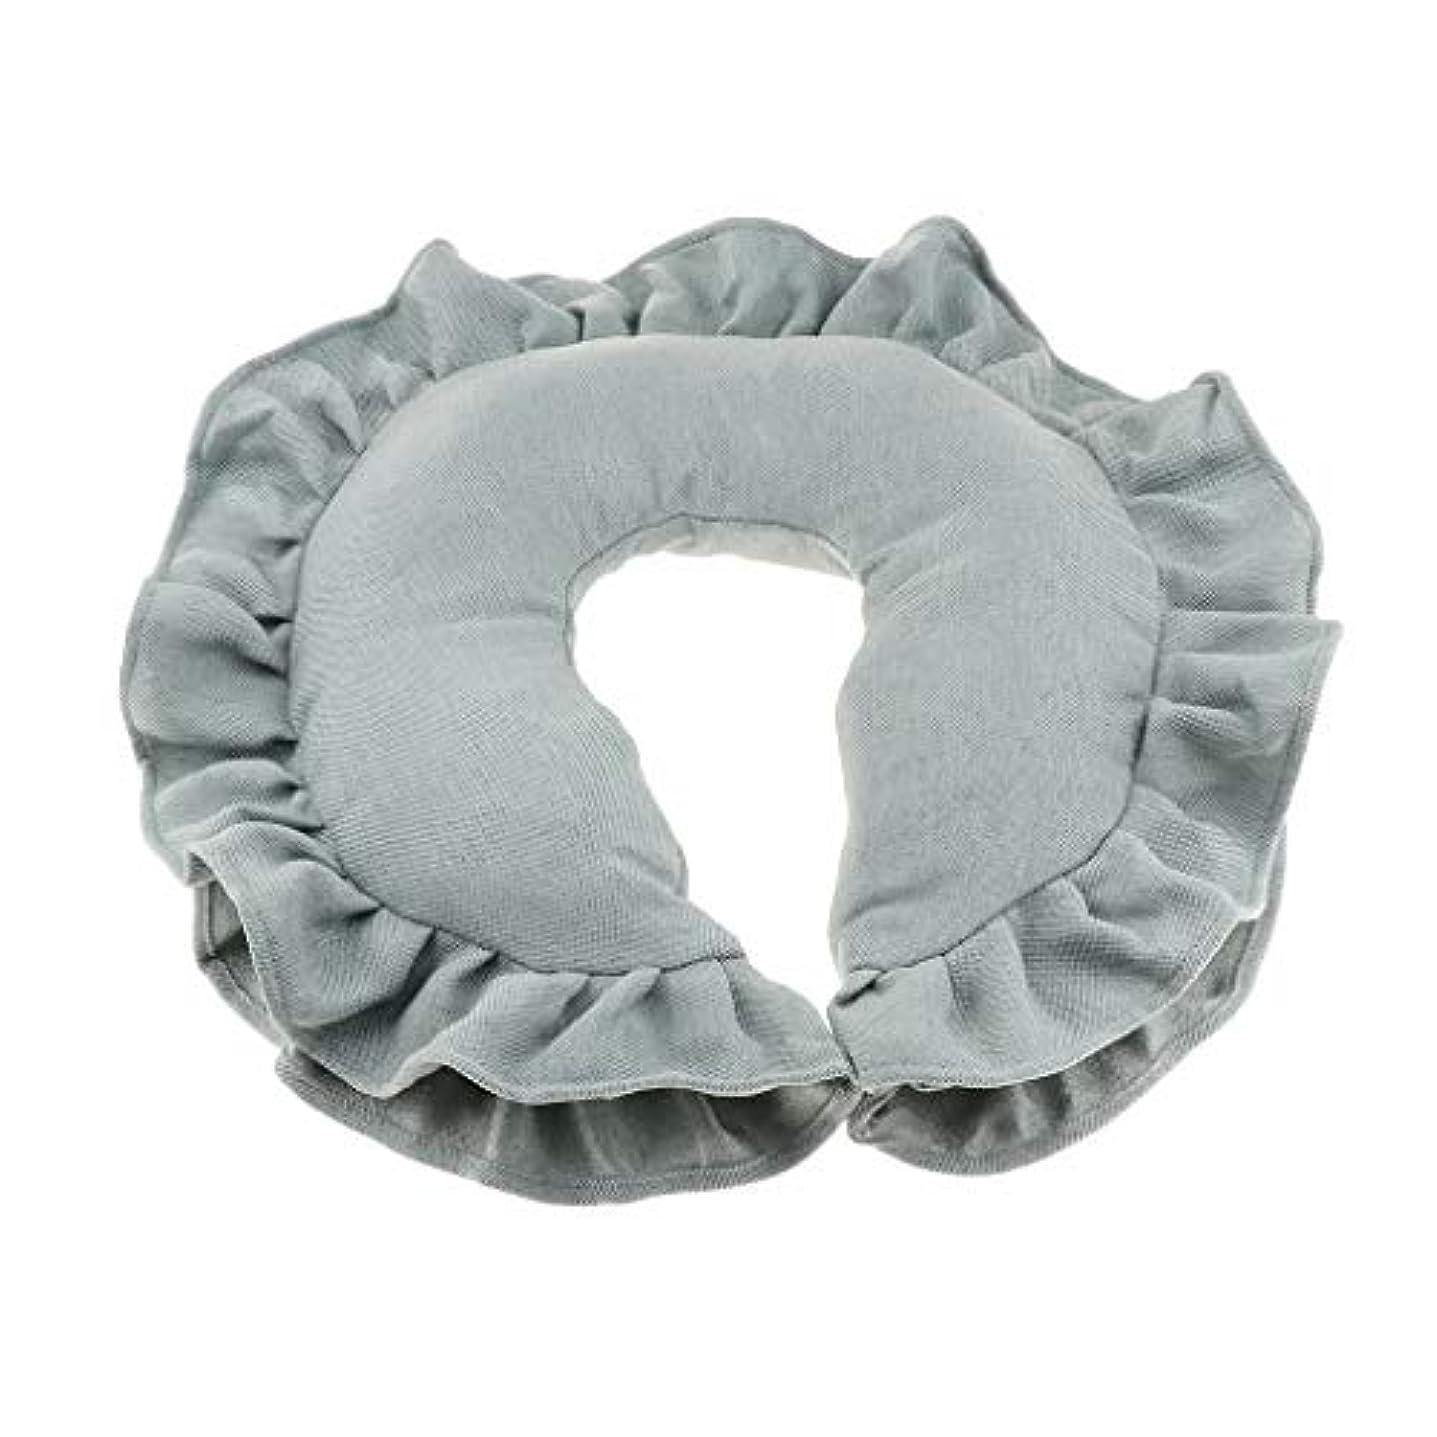 一時停止に対してカスケードマッサージピロー ネックピロー 顔枕 U字型 洗えるカバー 柔軟性 快適 全4色 - 緑